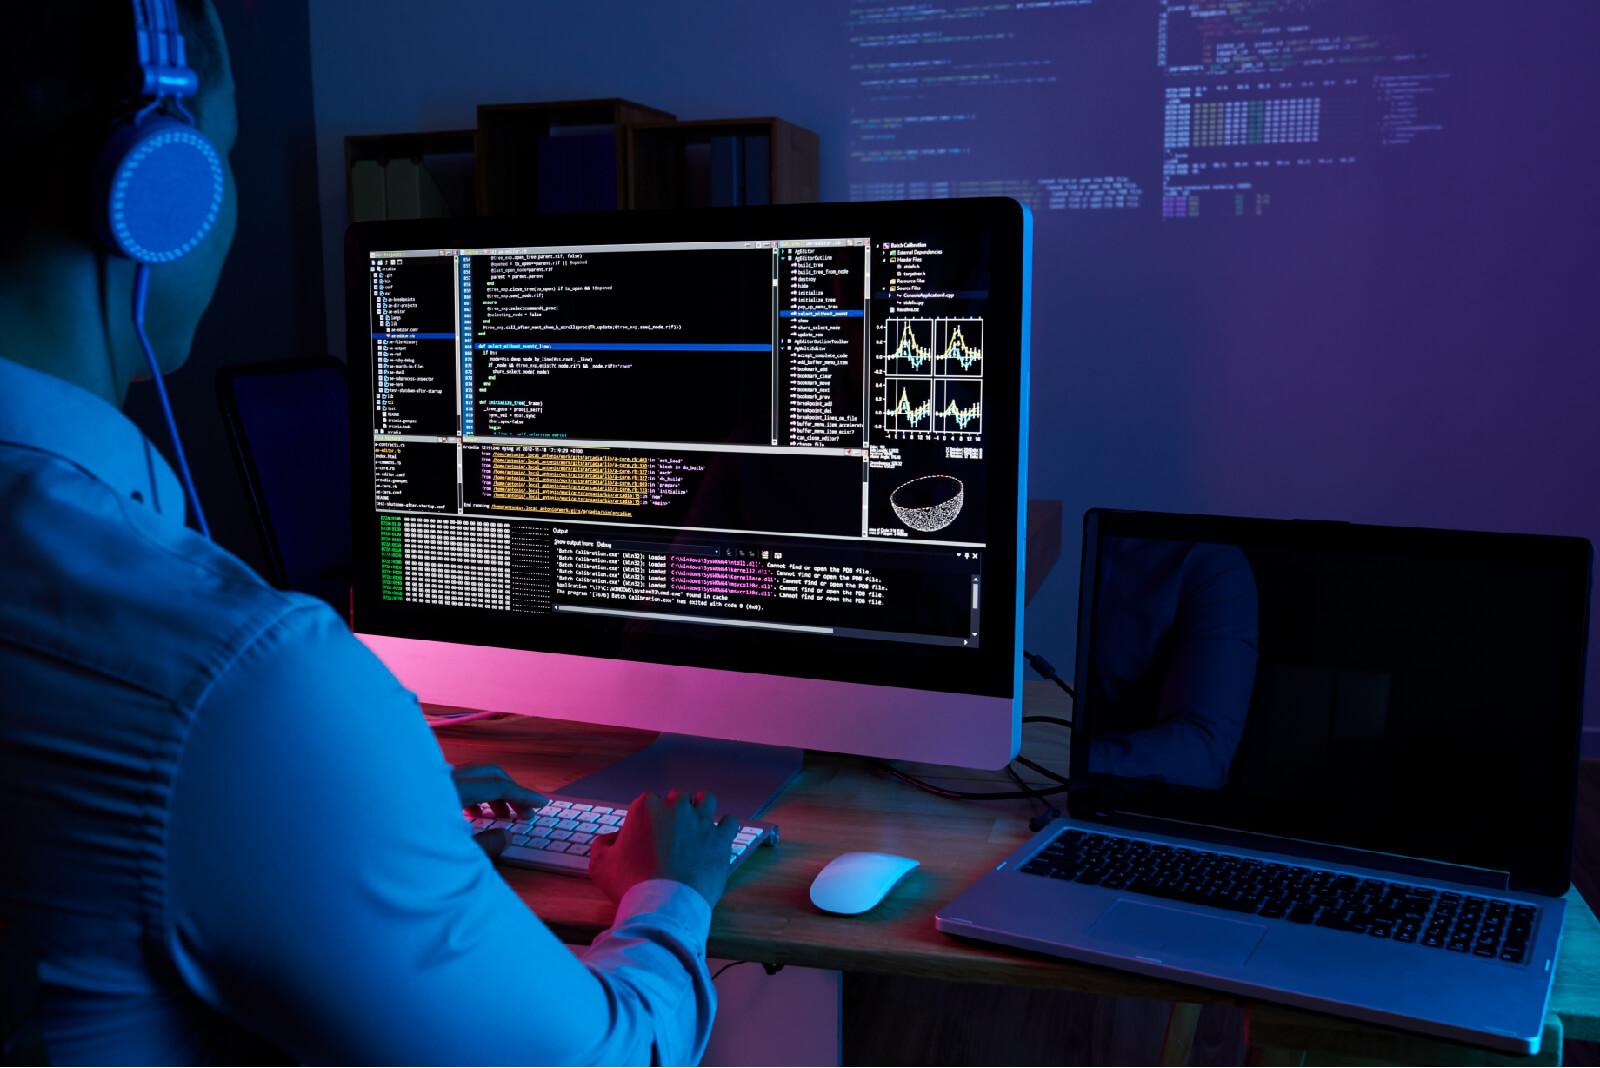 Lương kỹ sư IT có thể lên đến 100 triệu đồng mỗi tháng